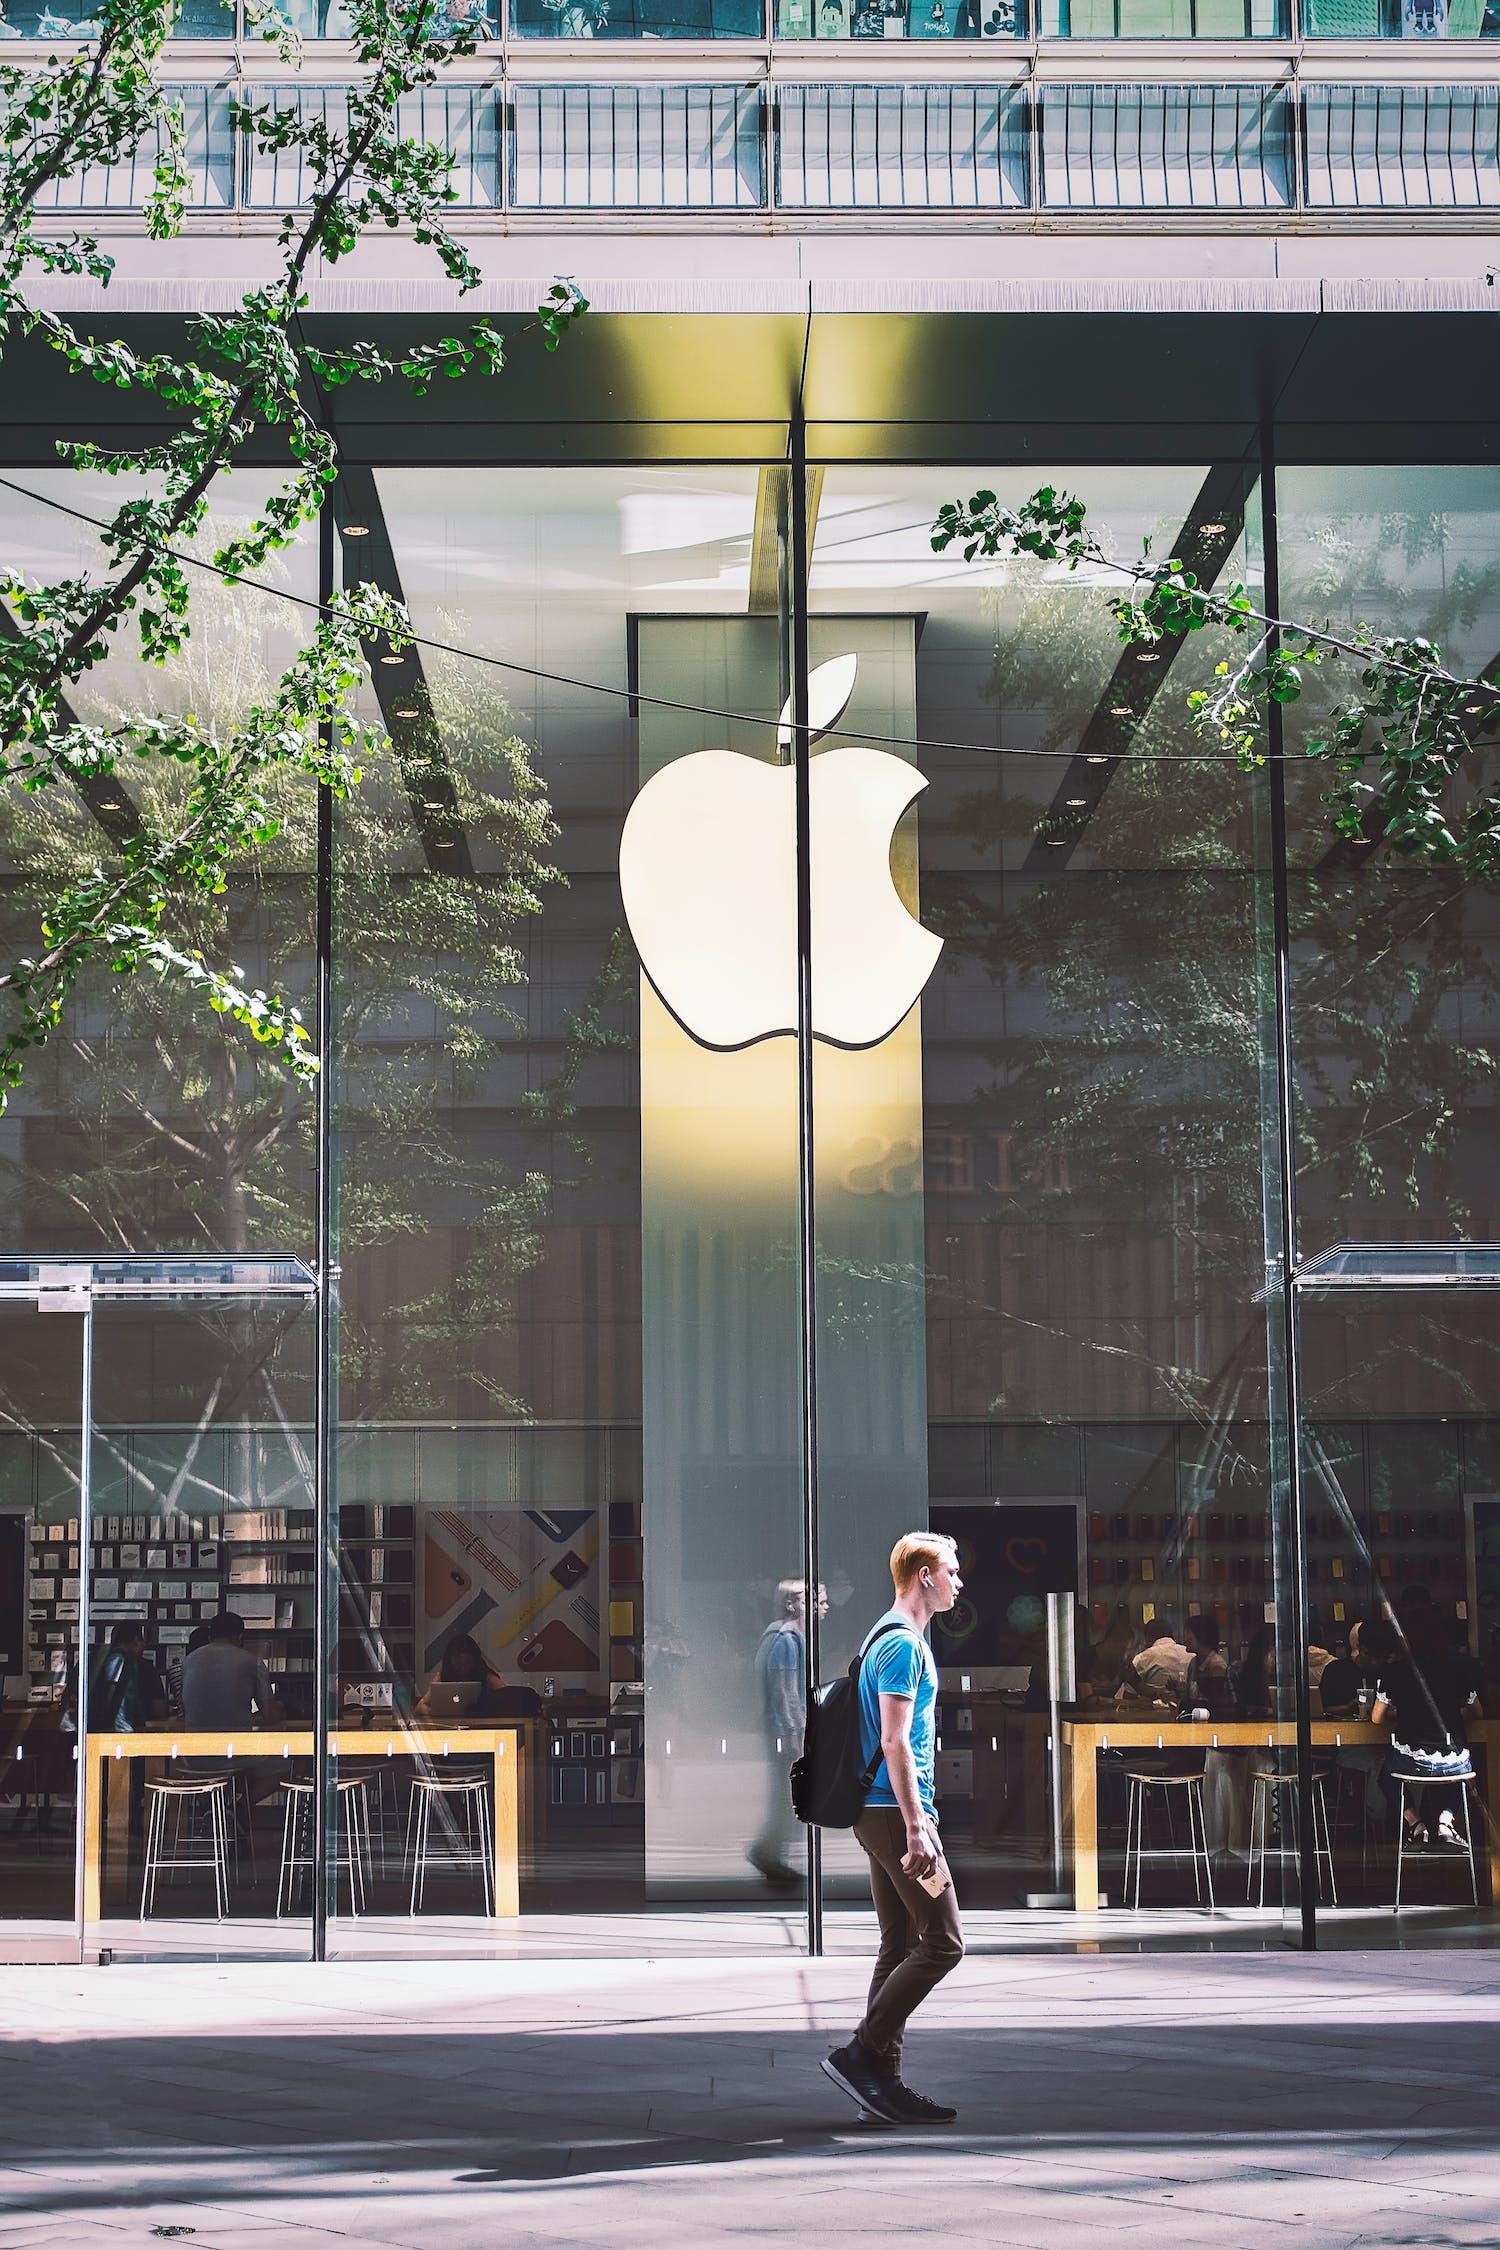 日媒:苹果因供应紧缺推迟 MacBook 和 iPad 生产